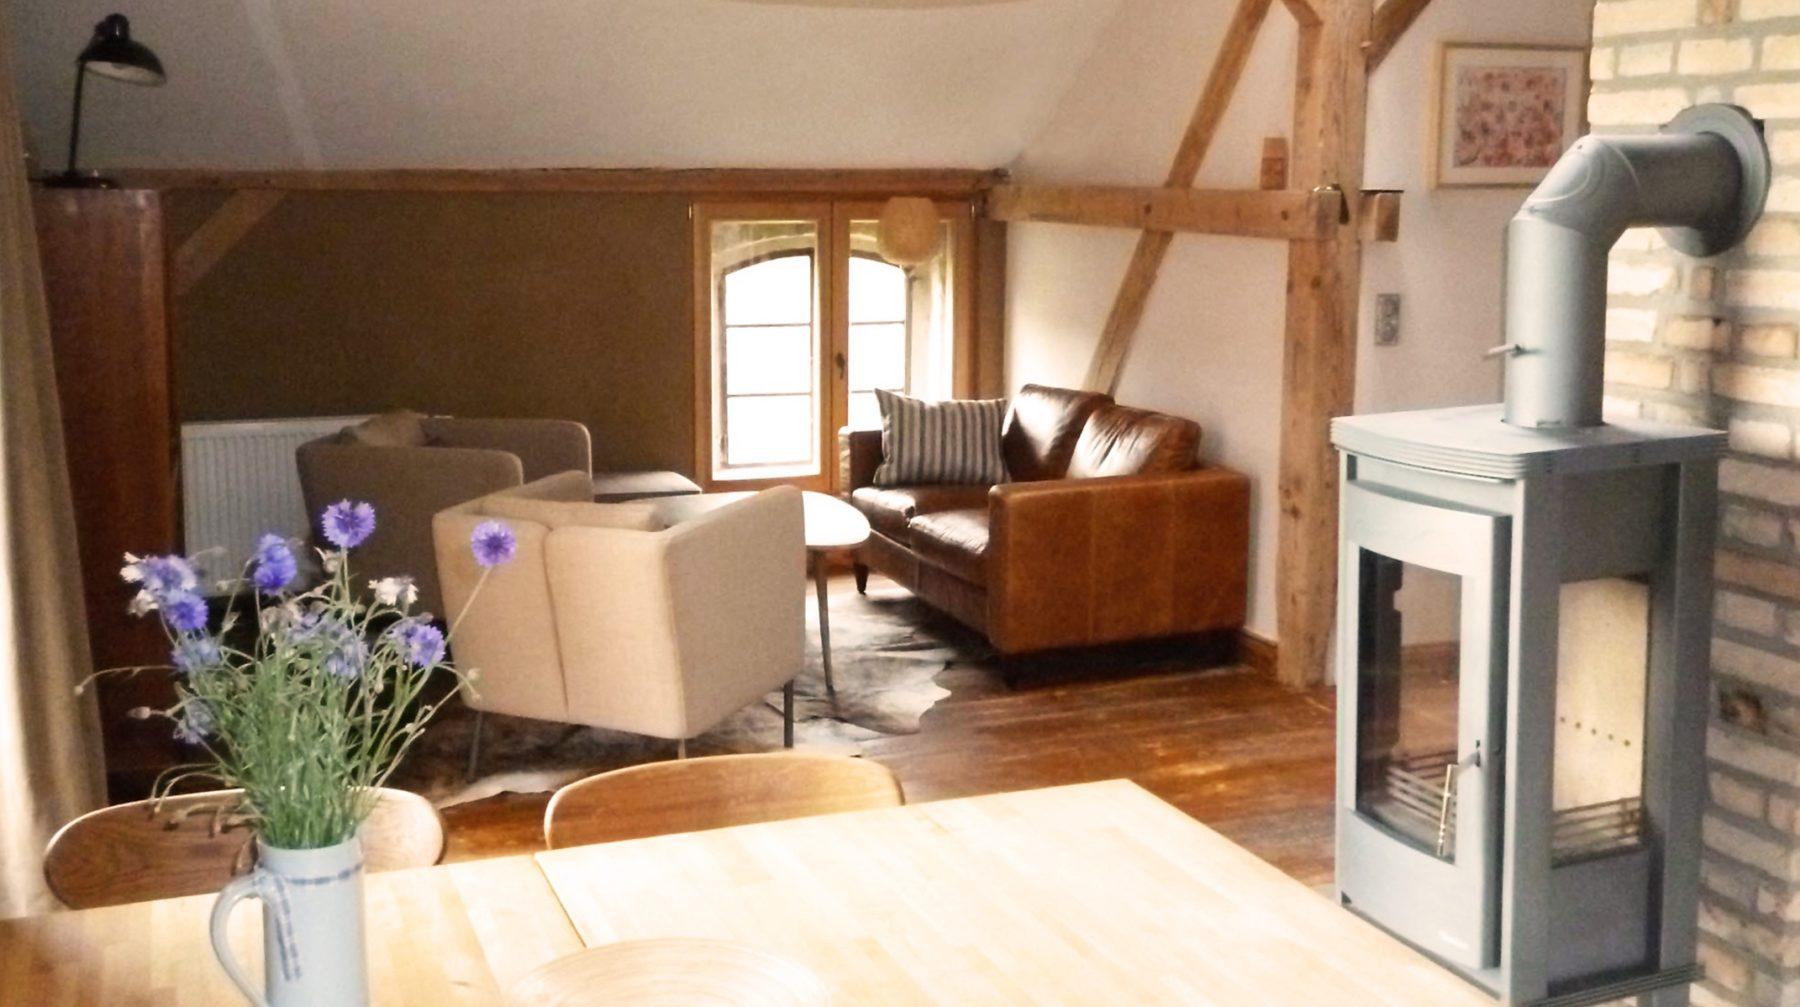 Holzfaser-Innendämmungen sorgen für warme Wände und ein wohngesundes Raumklima. Alle Fotos: Udi Dämmsysteme